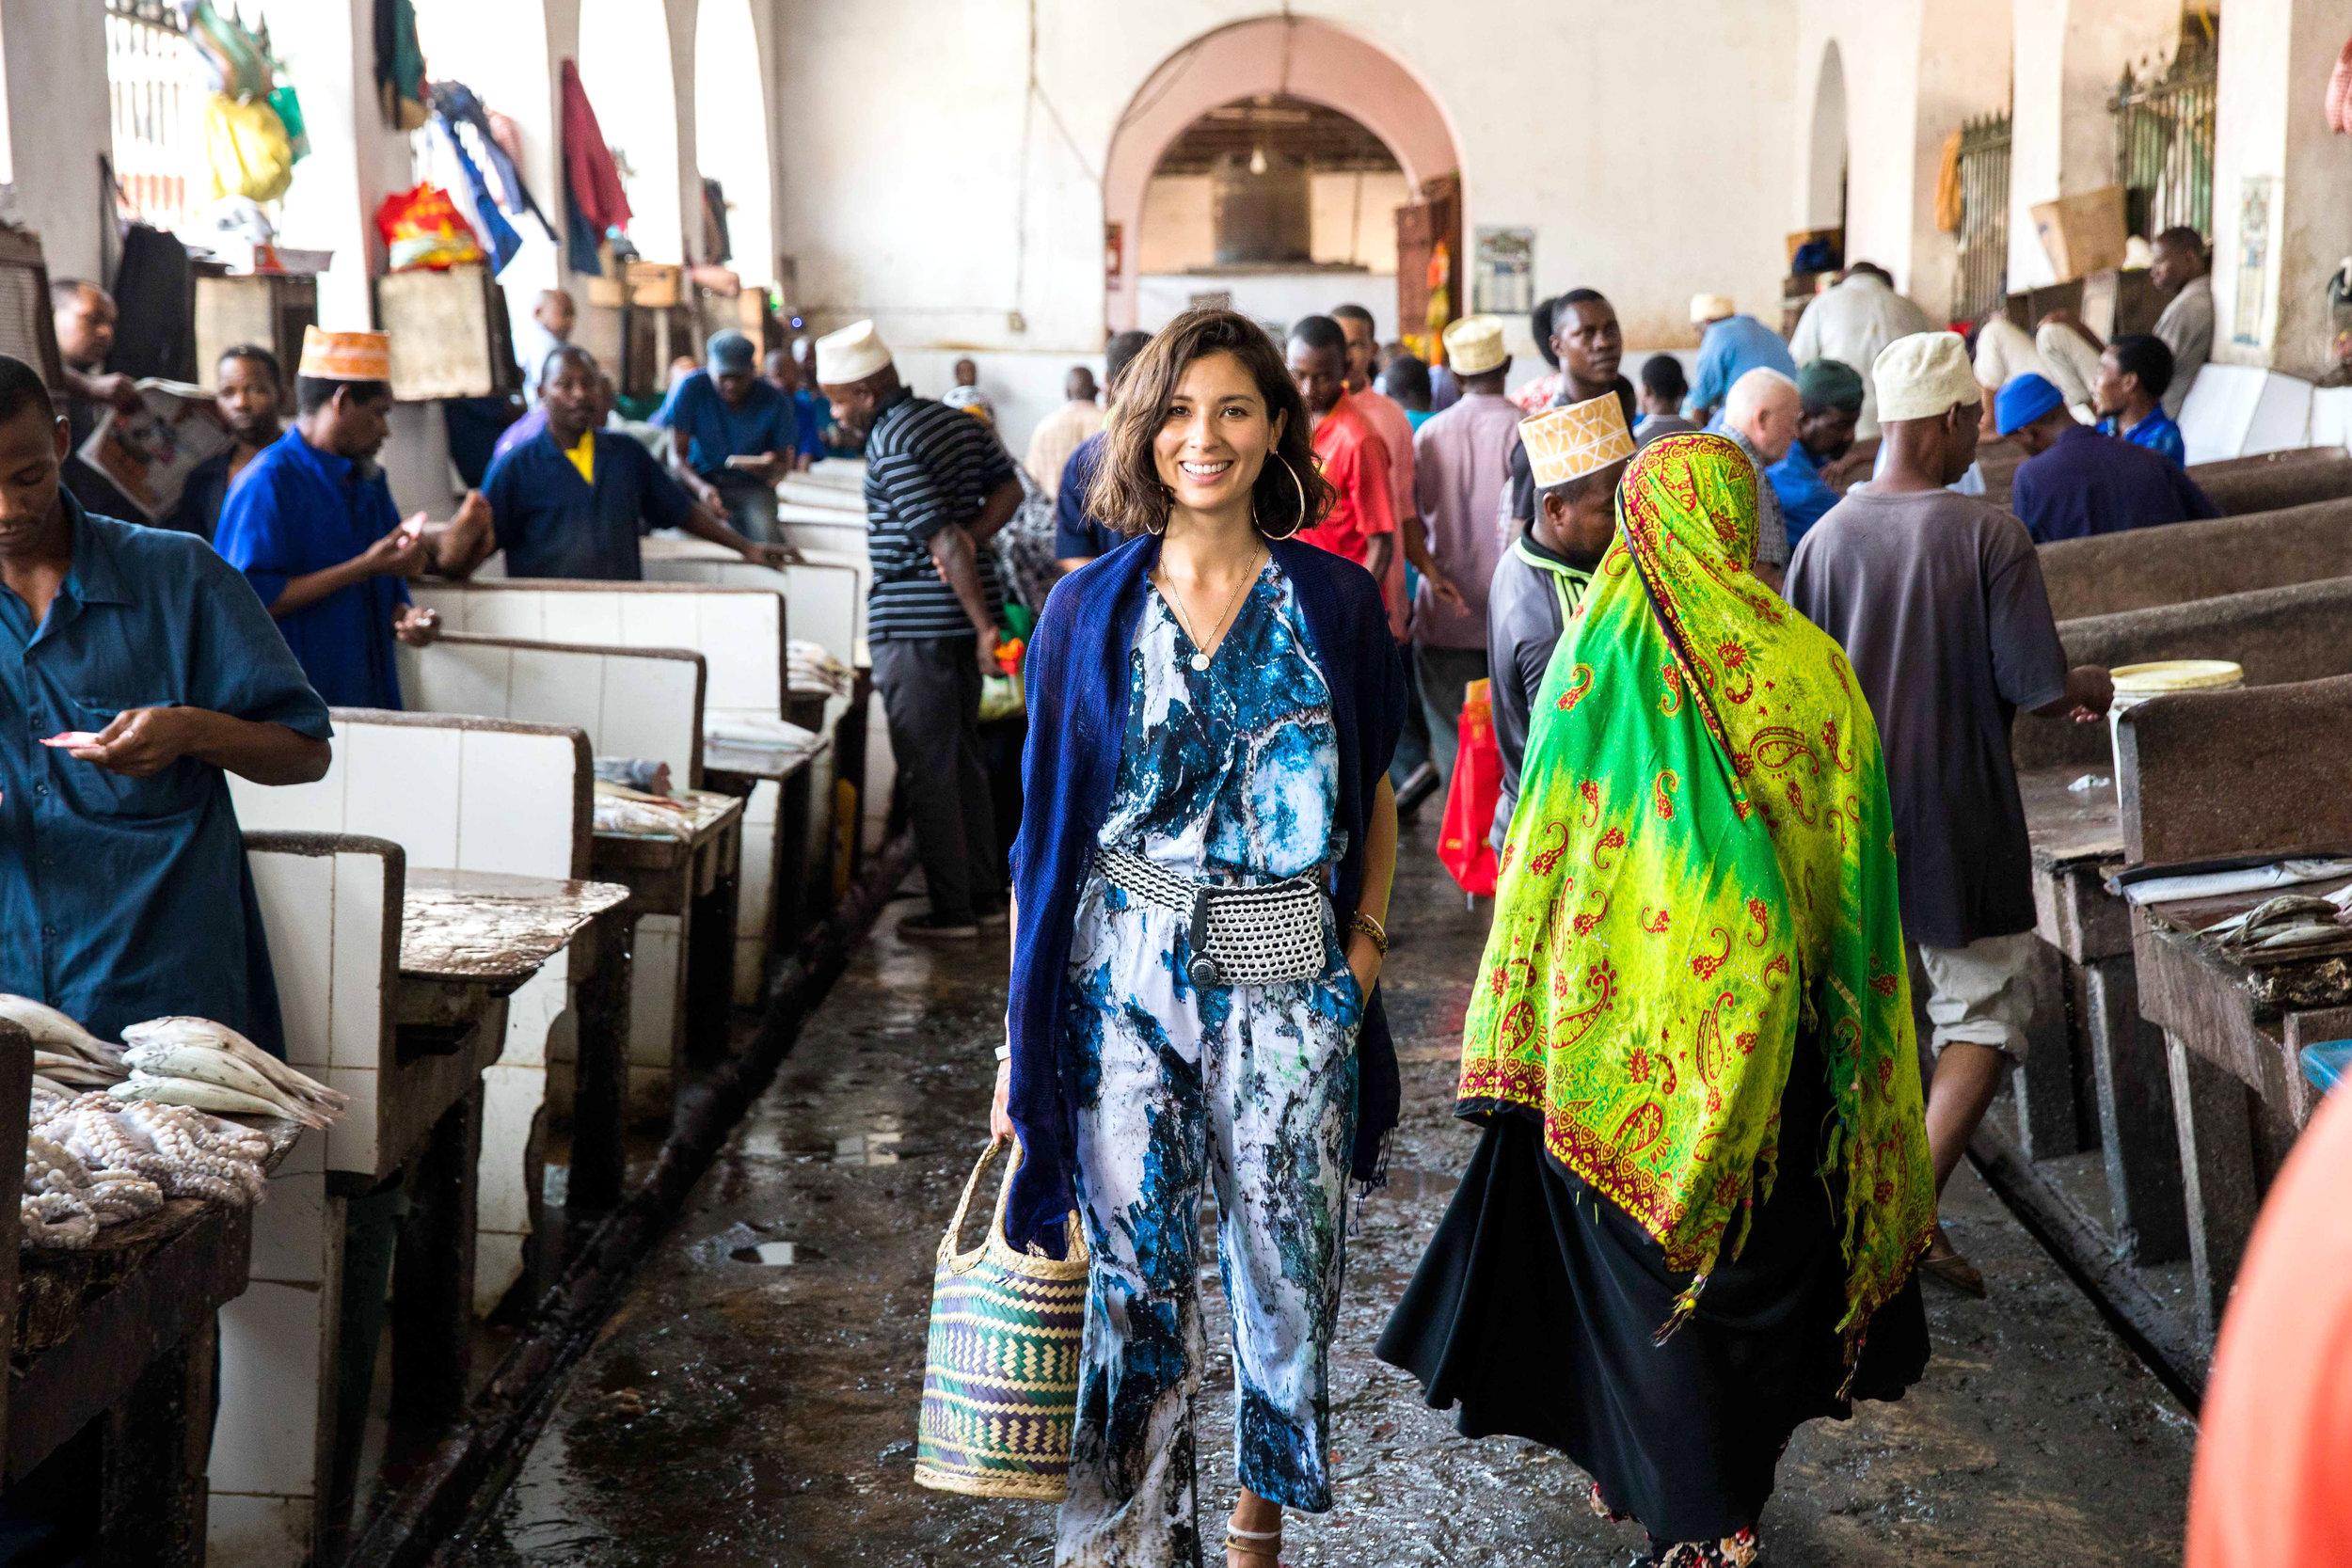 Zanzibar_JasmineHemsley_NickHopperPhotography-3266.jpg